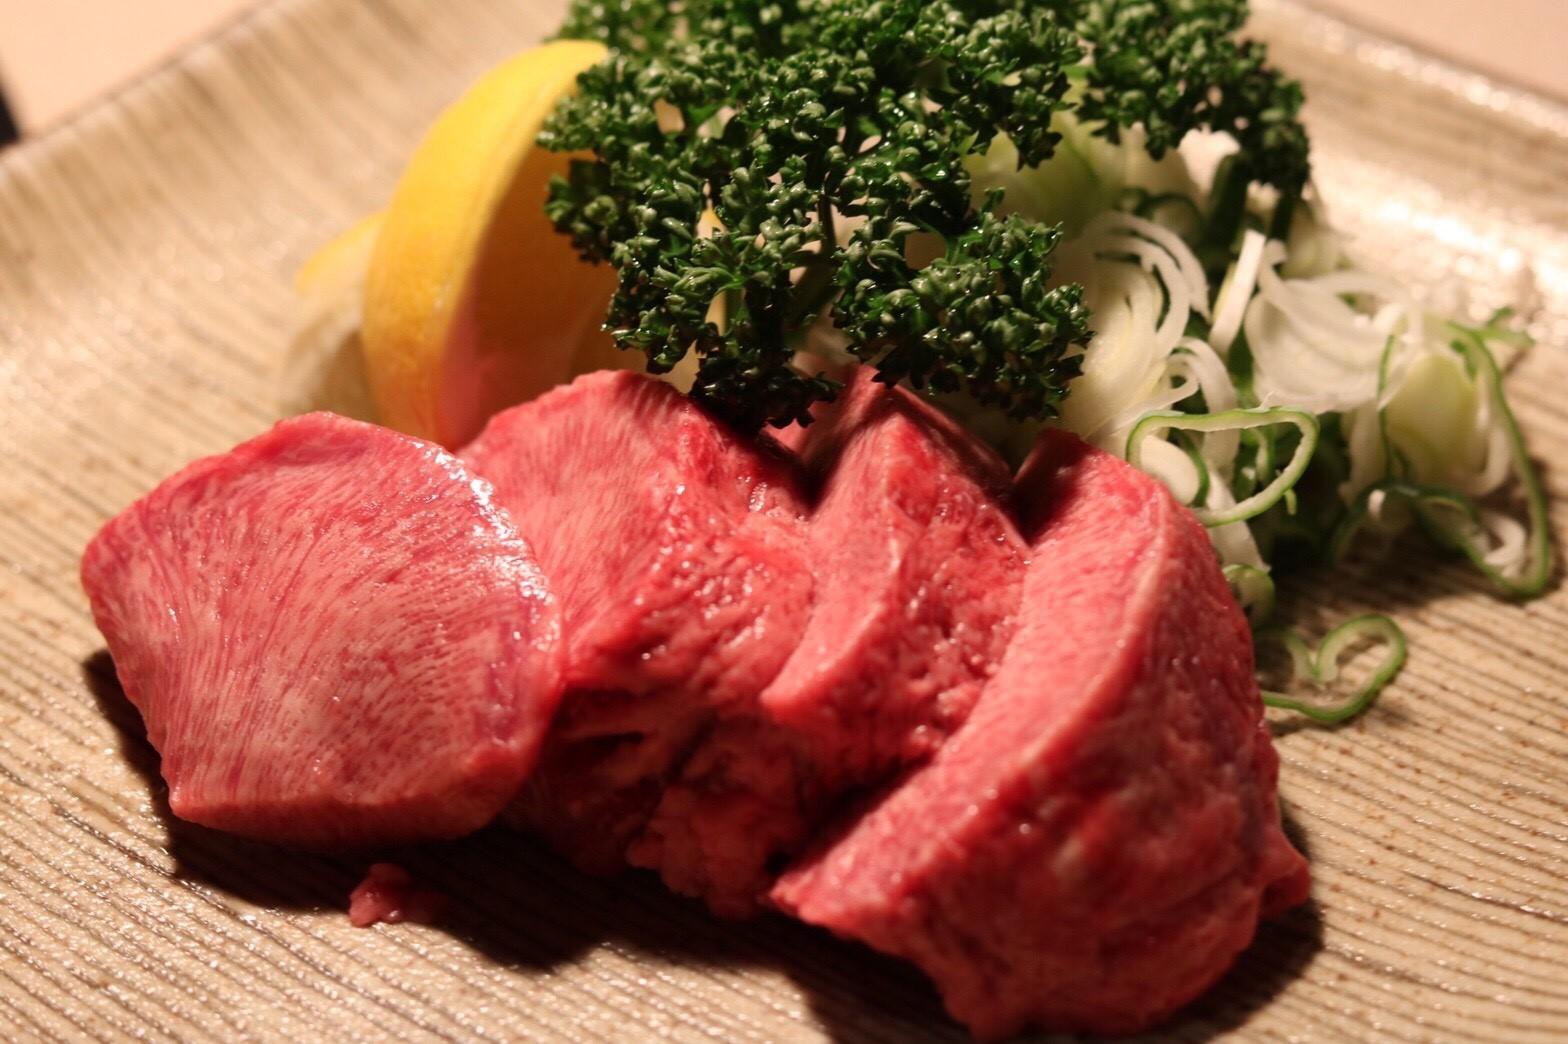 名駅 名古屋 焼肉 とさや 美味しんぼ 名古屋 愛知 おすすめ 人気 デート 焼き肉 やきにく なごや